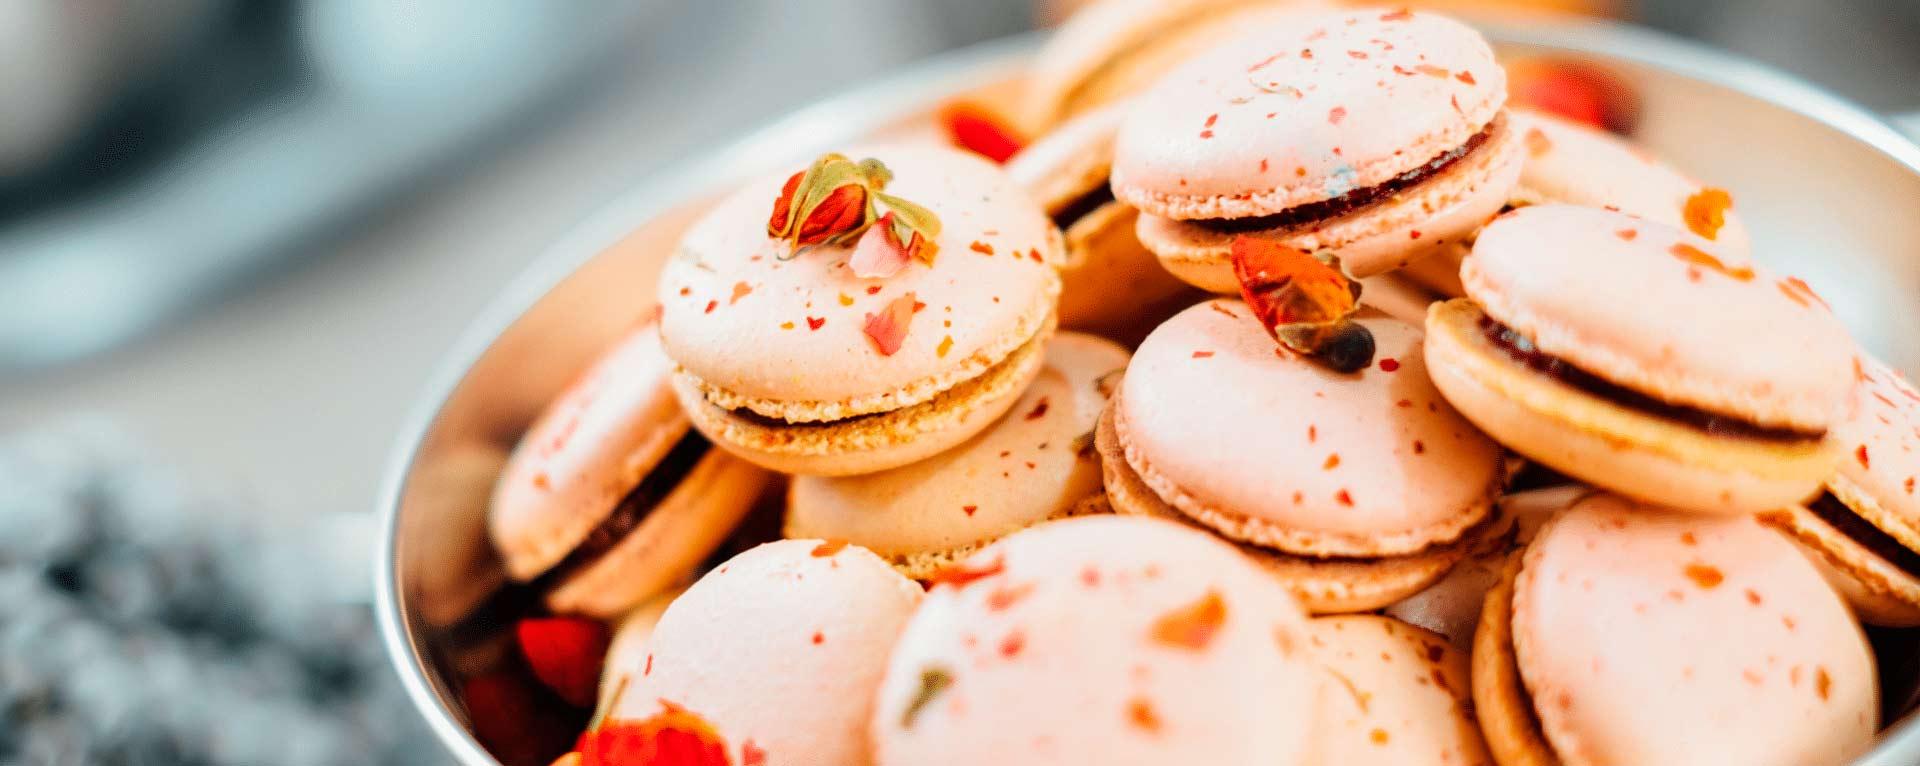 FOSVITAE de ZUKÁN sustituto del azúcar para pastelería y galletas Clean Label